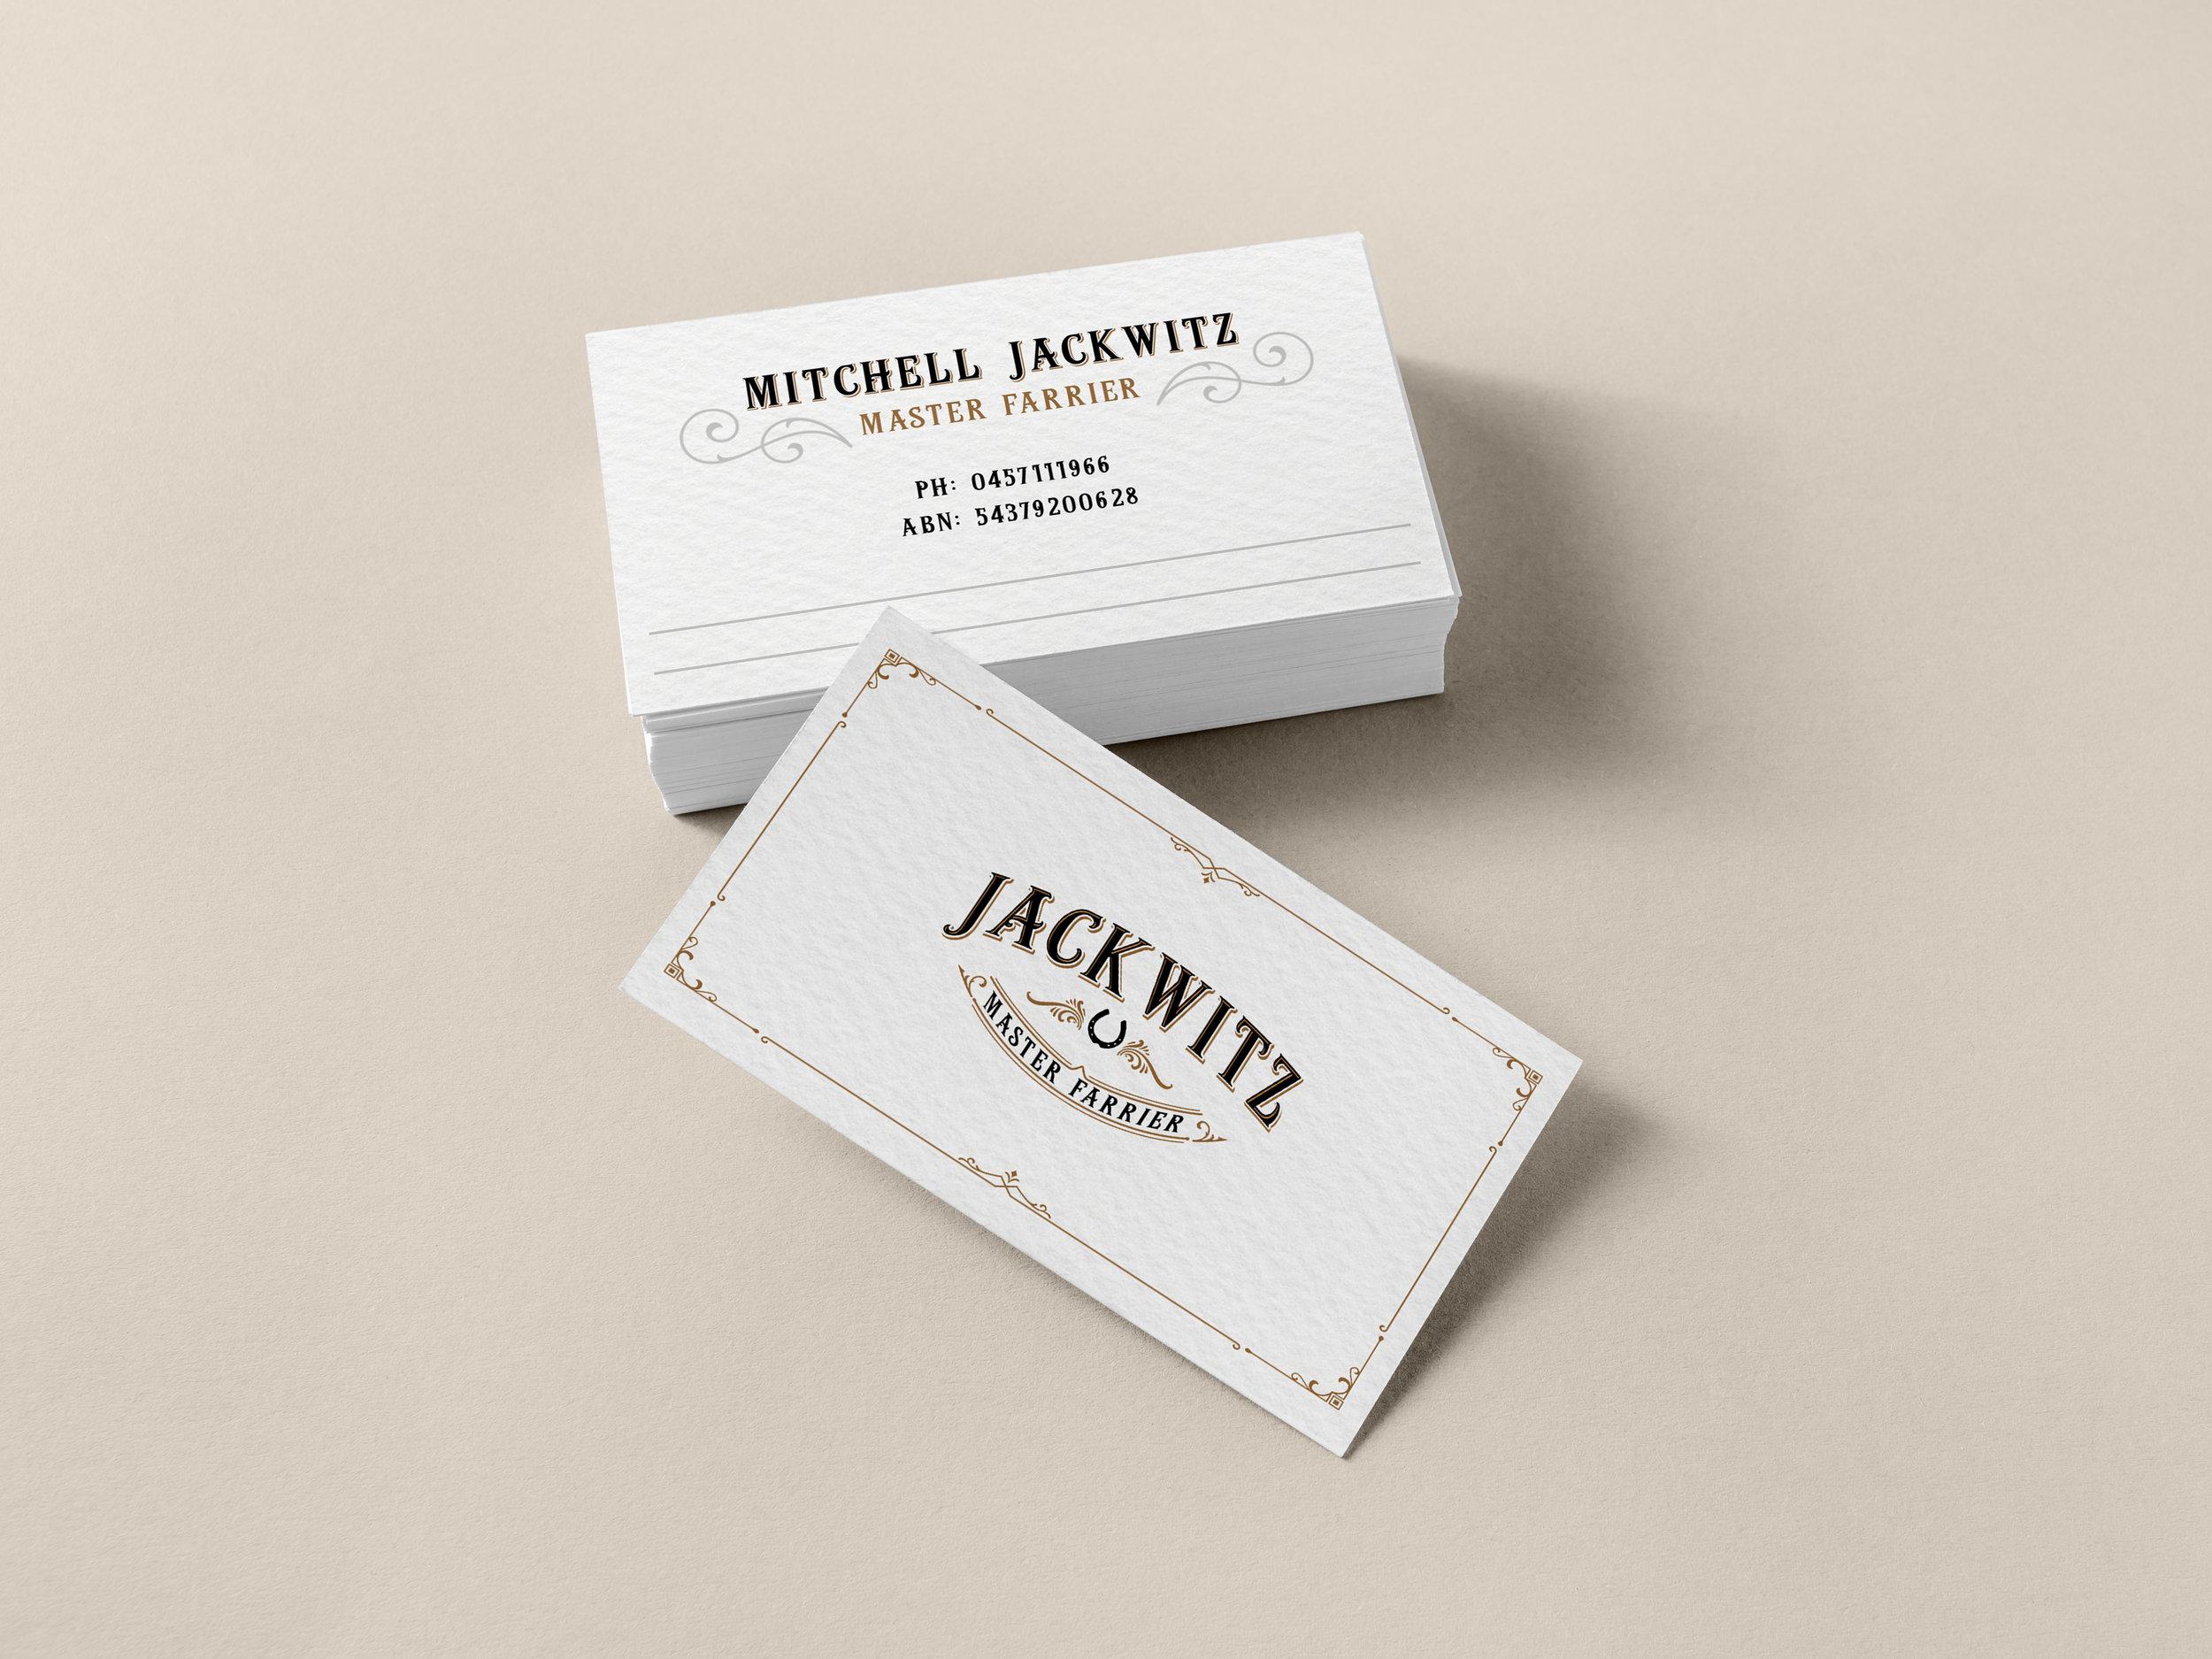 Jackwitz card mockup.jpg